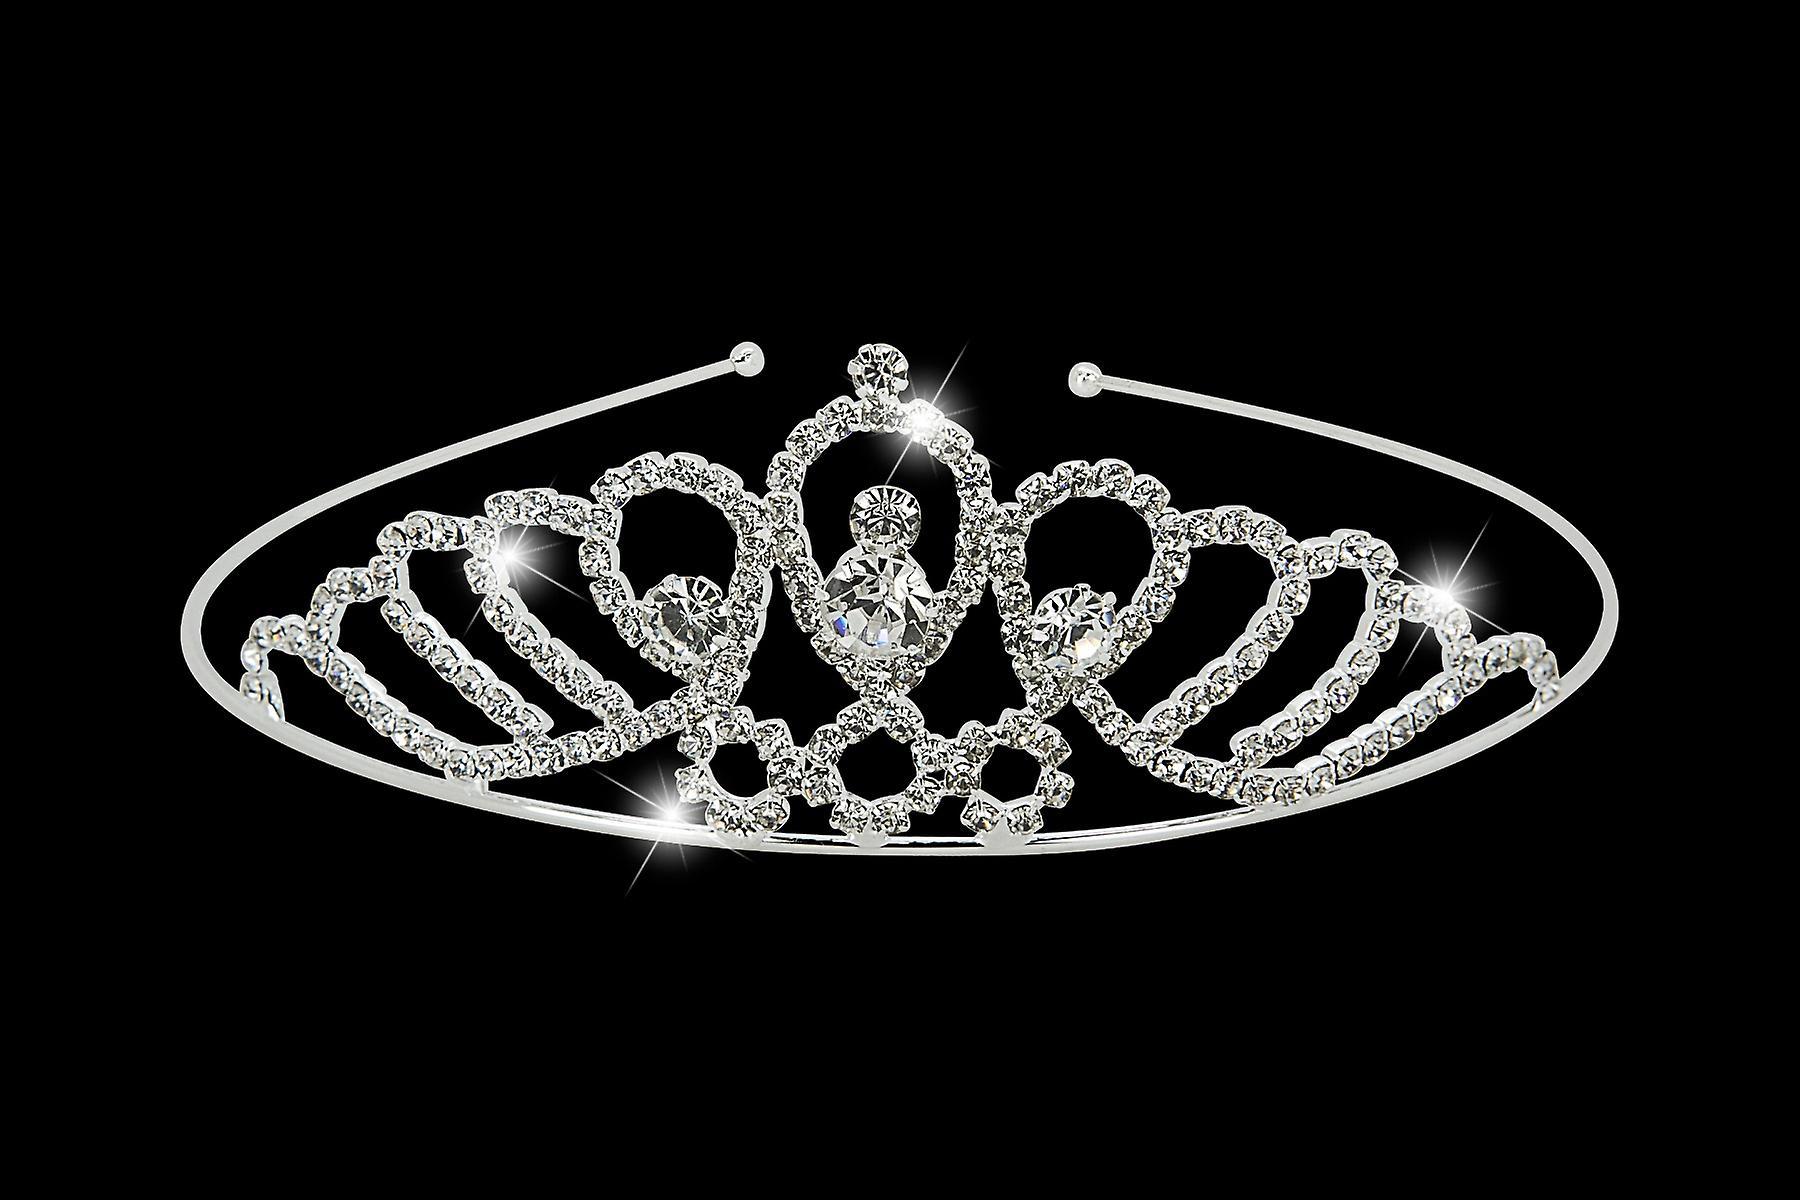 Silver Bridal Crystal Rhinestone Headband Tiara Wedding Crown Prom